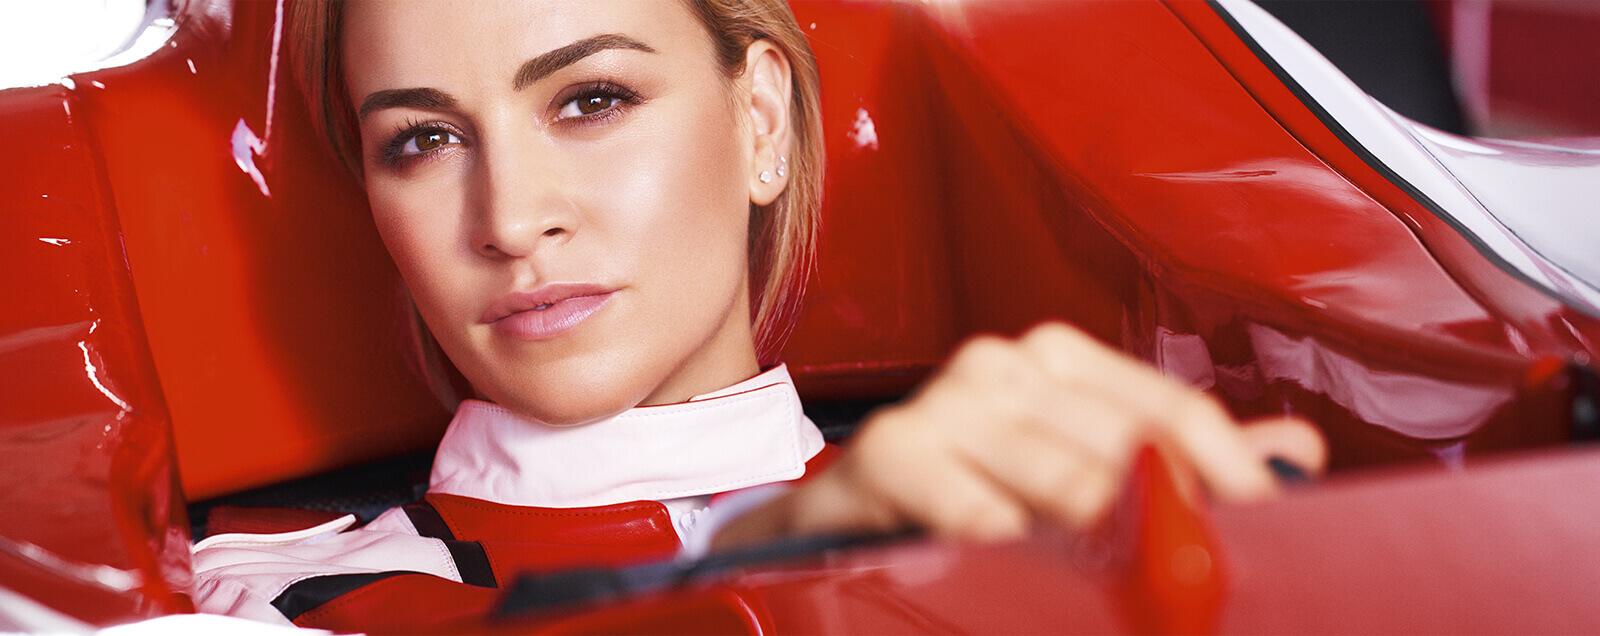 Modelka kierująca w Formule 1